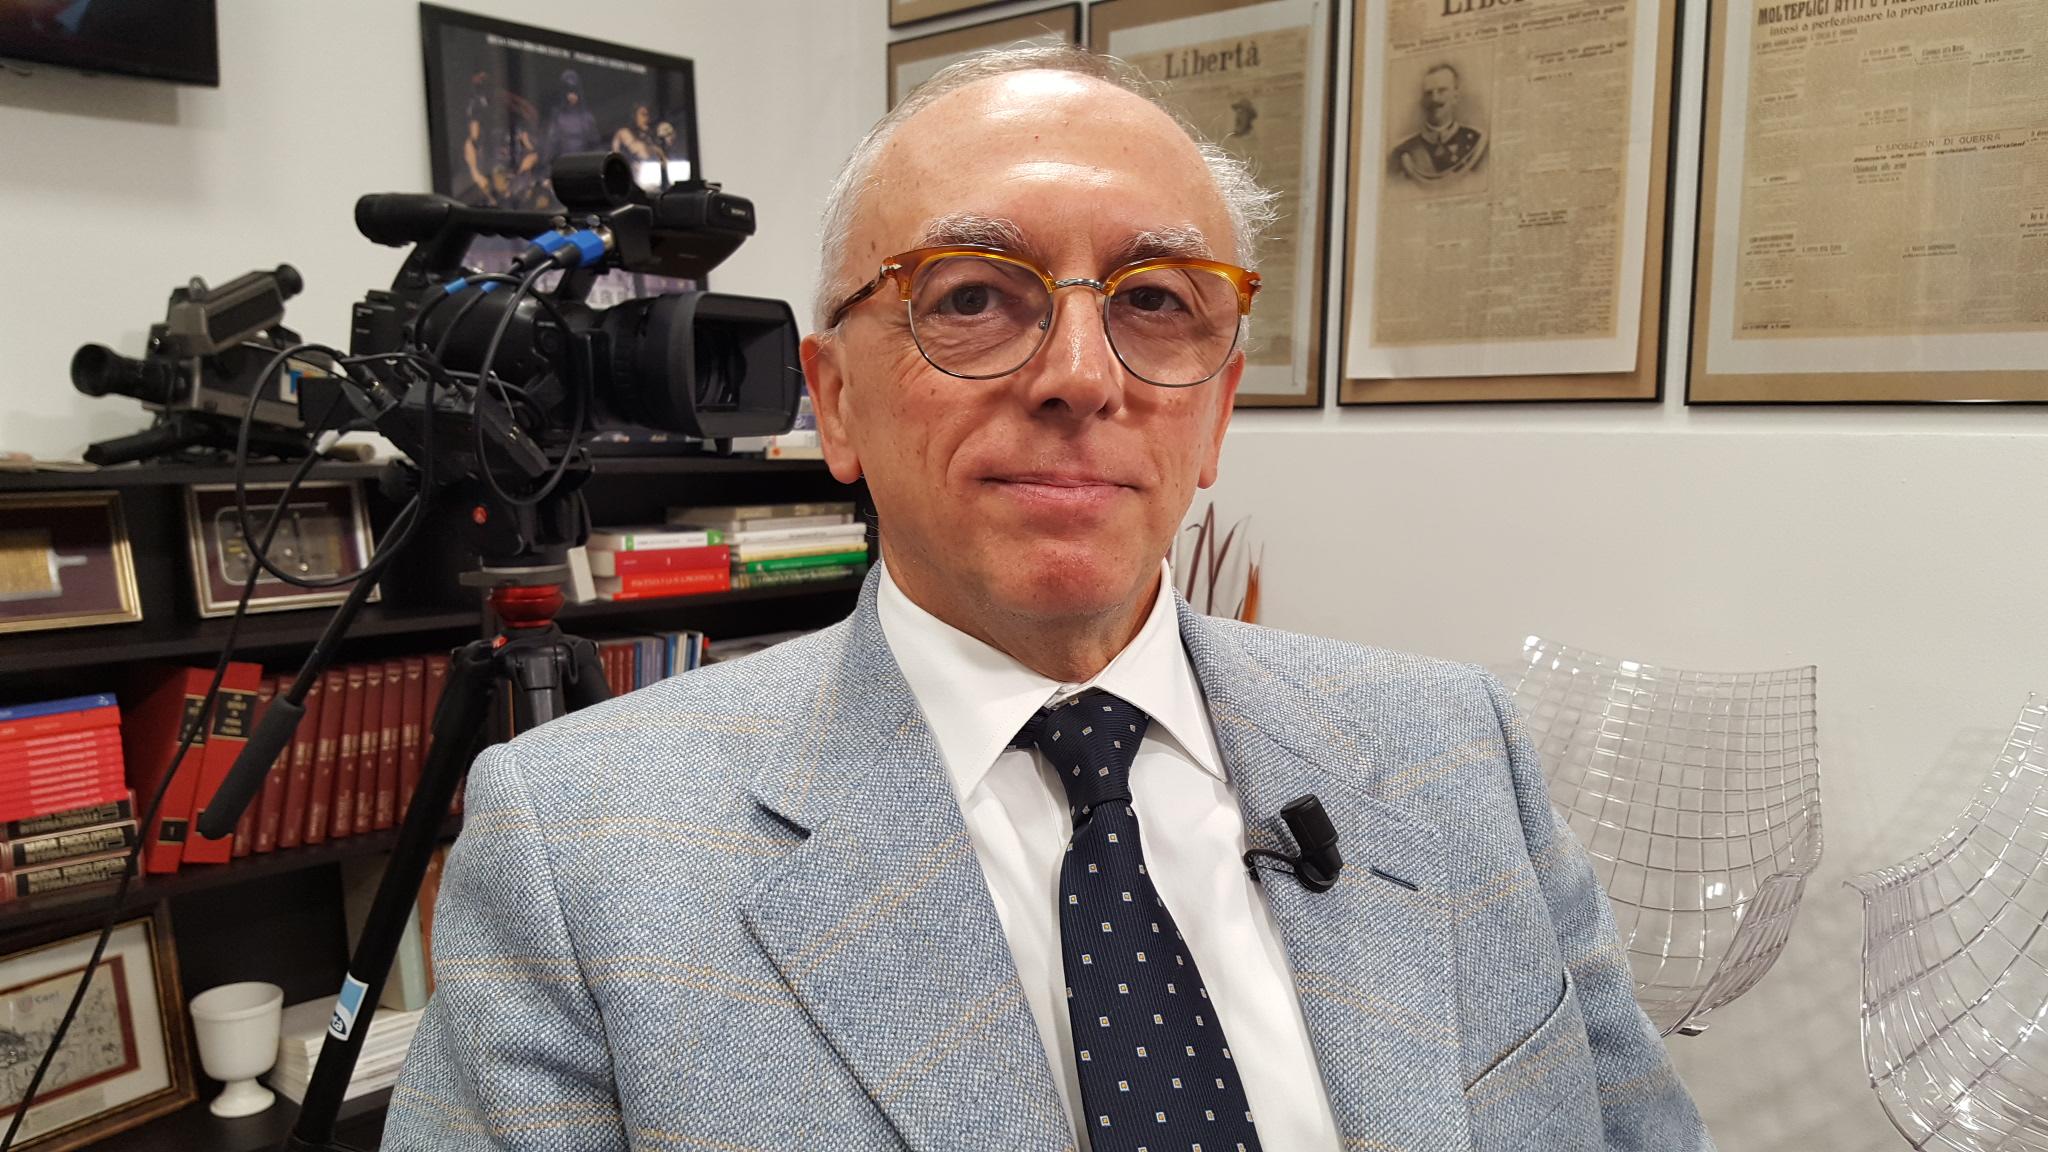 Energia, ambiente e ricerca: Stefano Consonni protagonista stasera a Nel Mirino